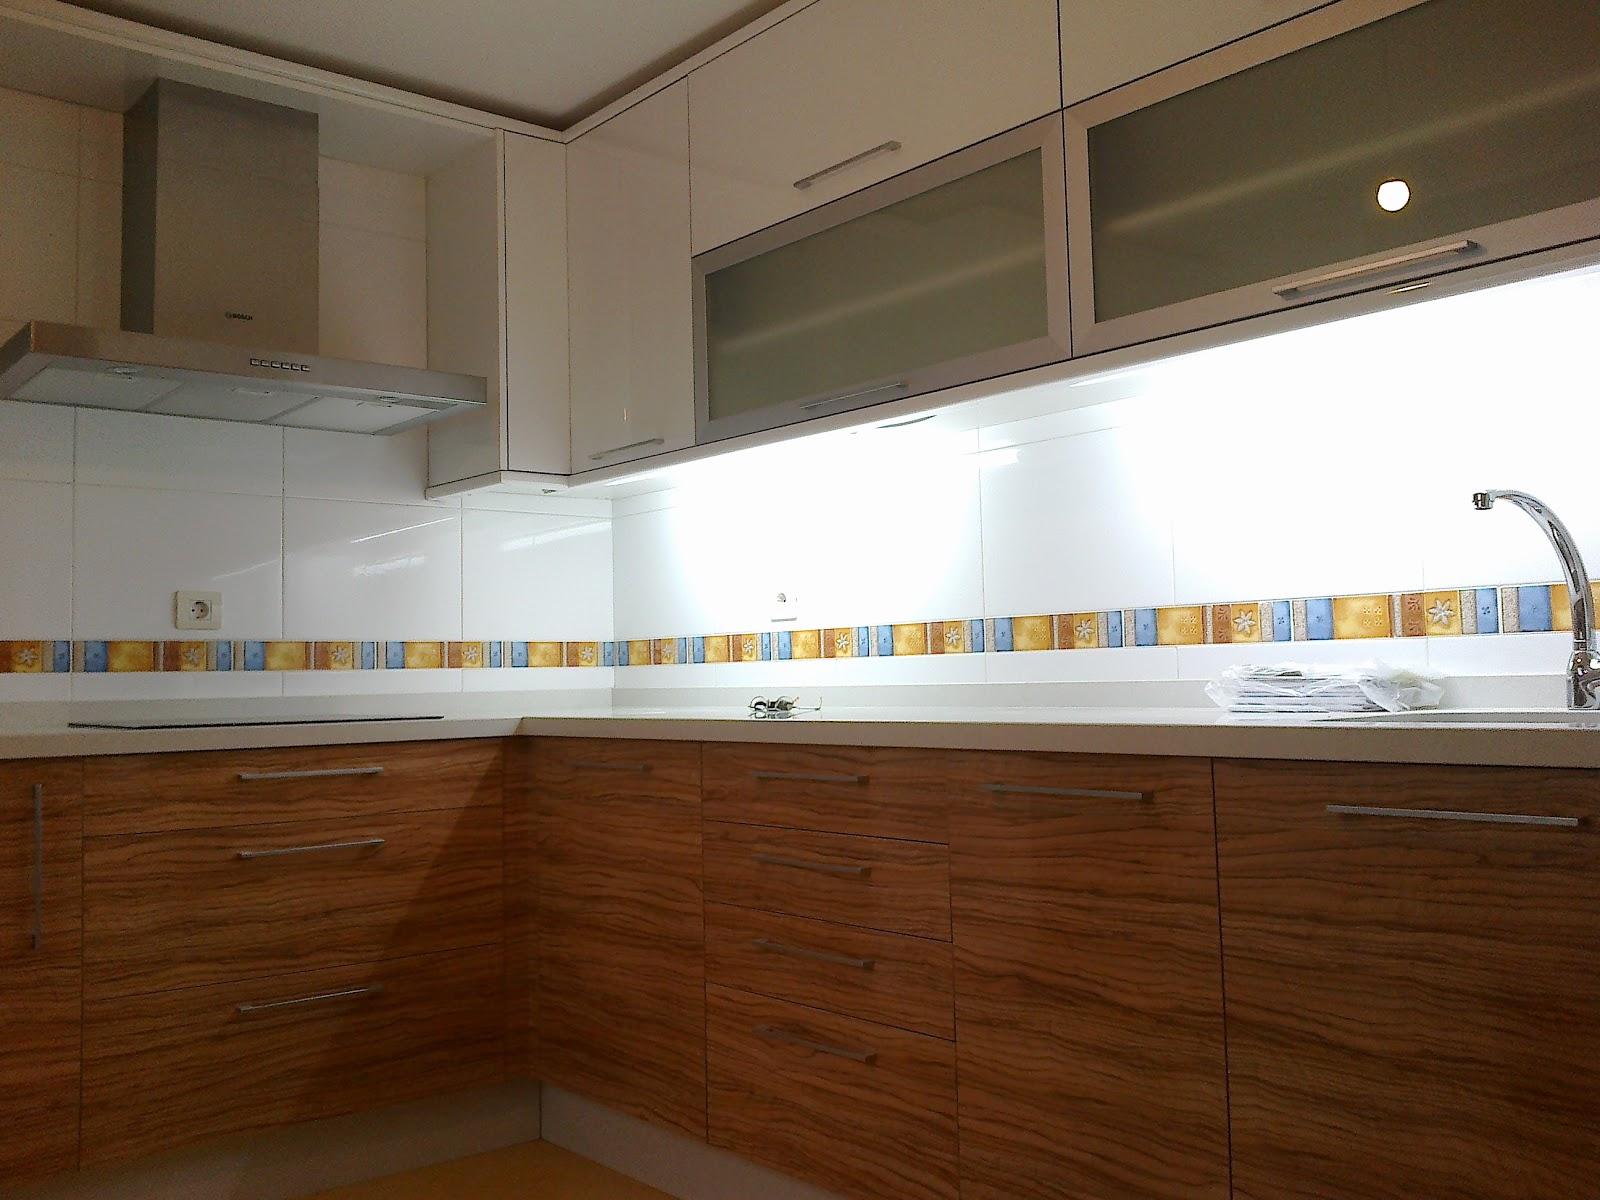 Sfc muebles sostenibles y creativos cocinas - Muebles de cocina color blanco ...